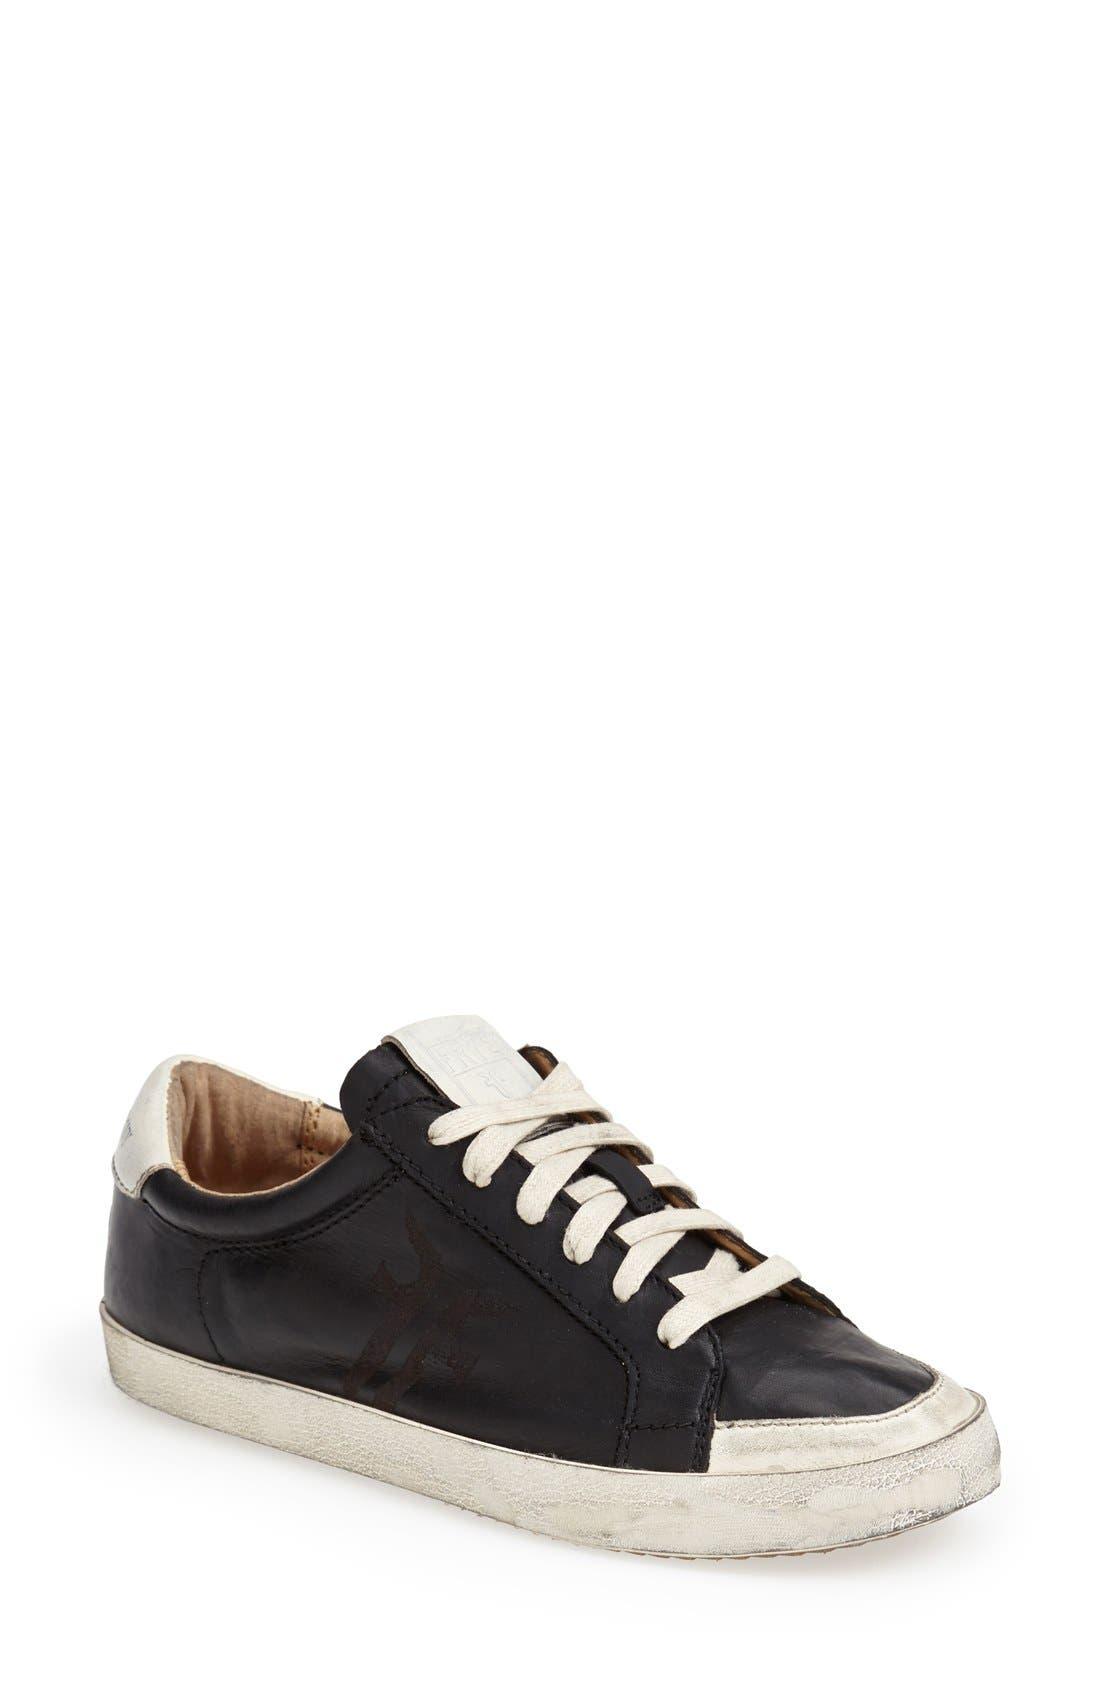 Main Image - Frye 'Dylan' Leather Sneaker (Women)